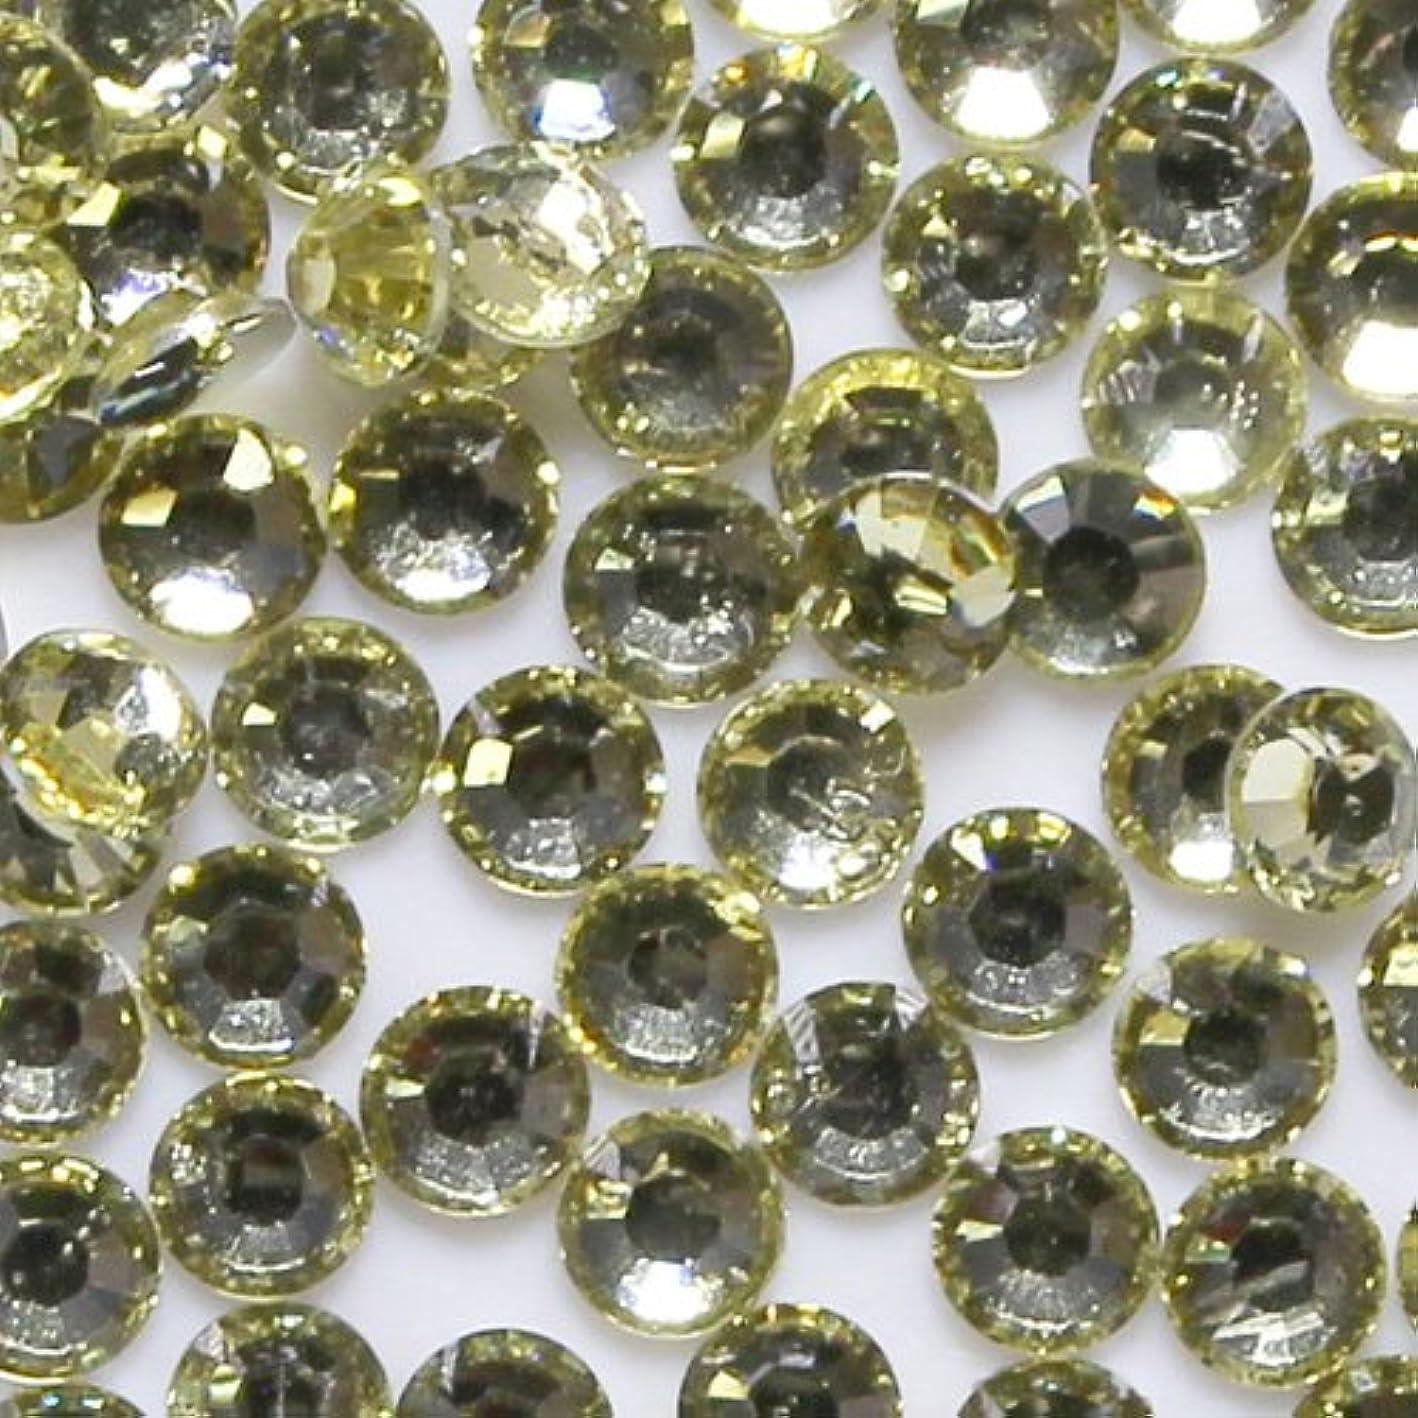 予防接種範囲ペンフレンド高品質 アクリルストーン ラインストーン ラウンドフラット 約1000粒入り 4mm ジョンキル